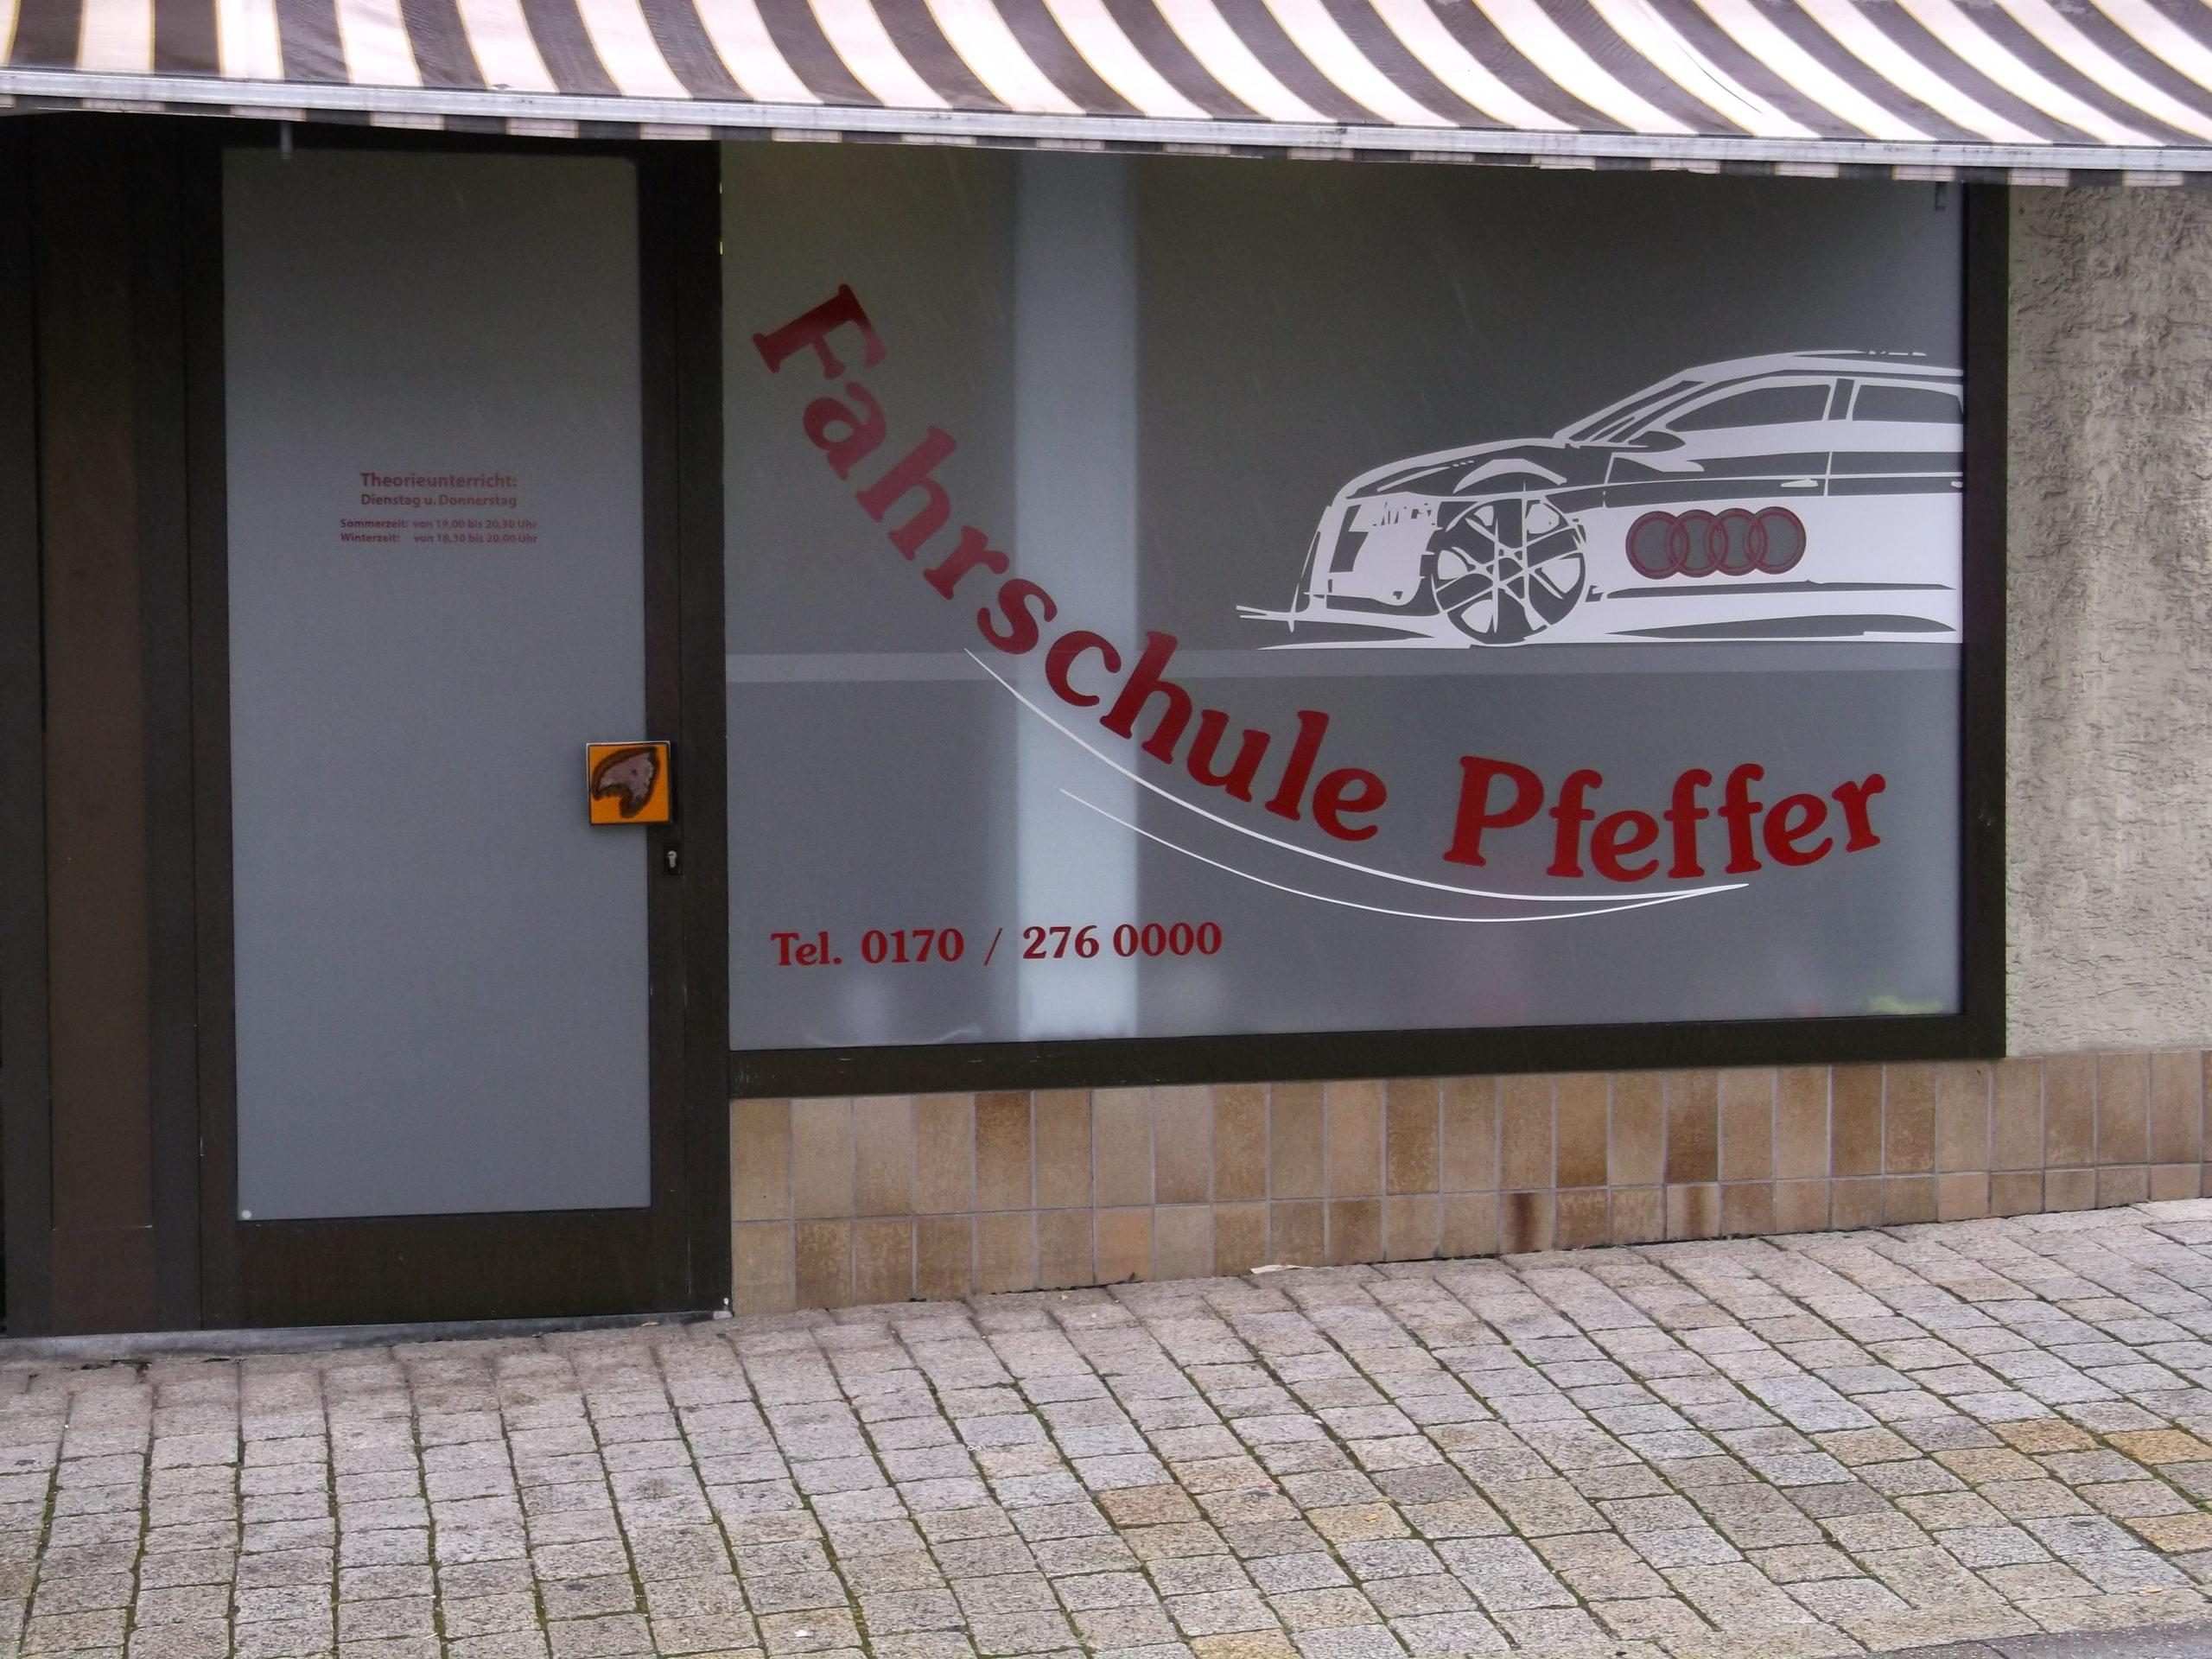 Fahrschule Pfeffer - Grafik&Beschriftung